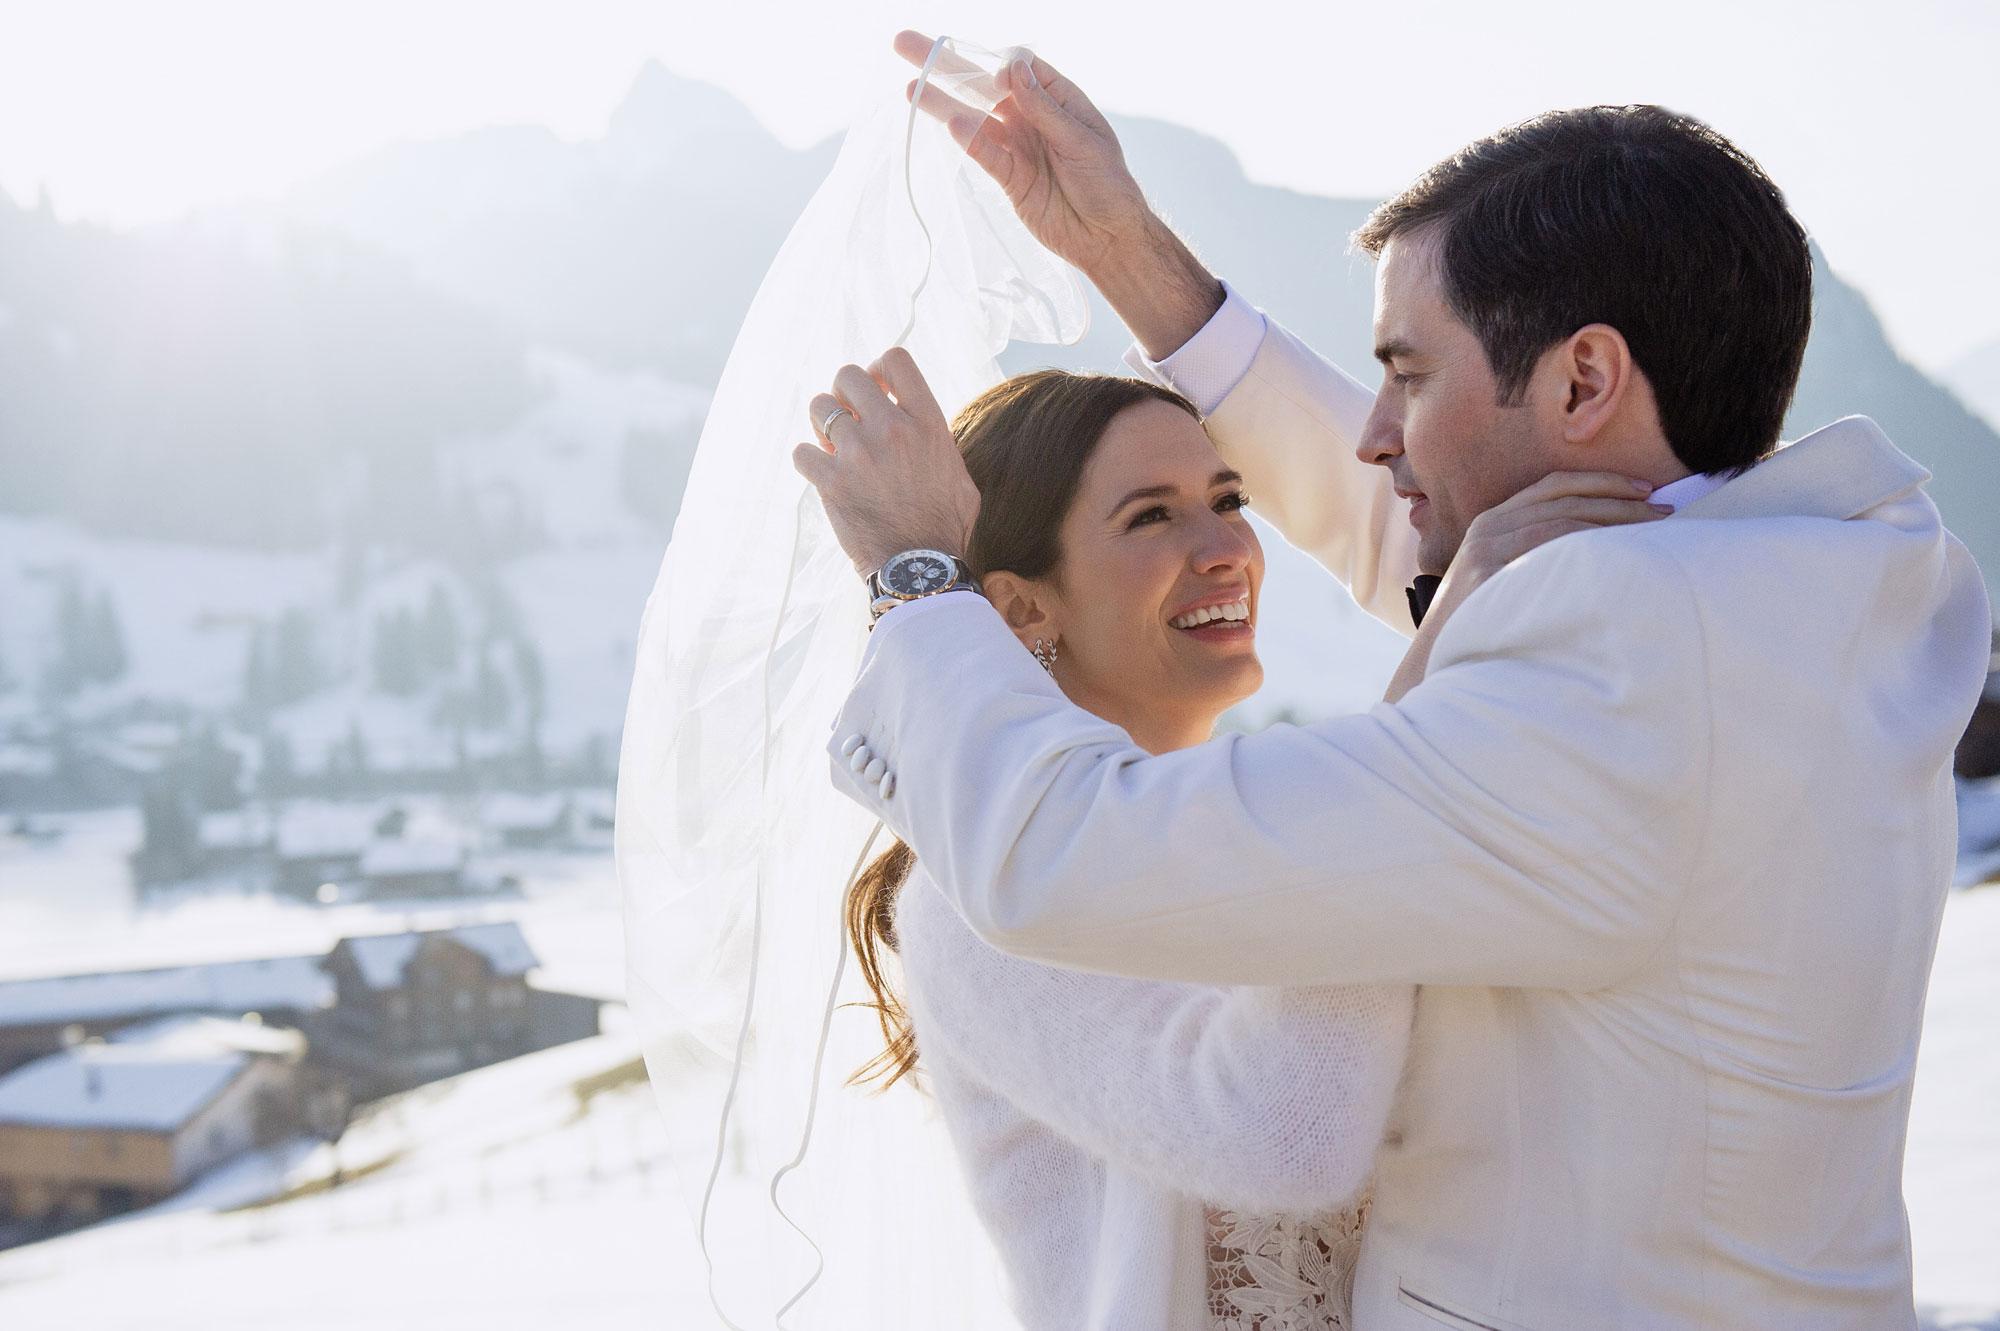 karin_tom_Gstaad_wedding-2.jpg